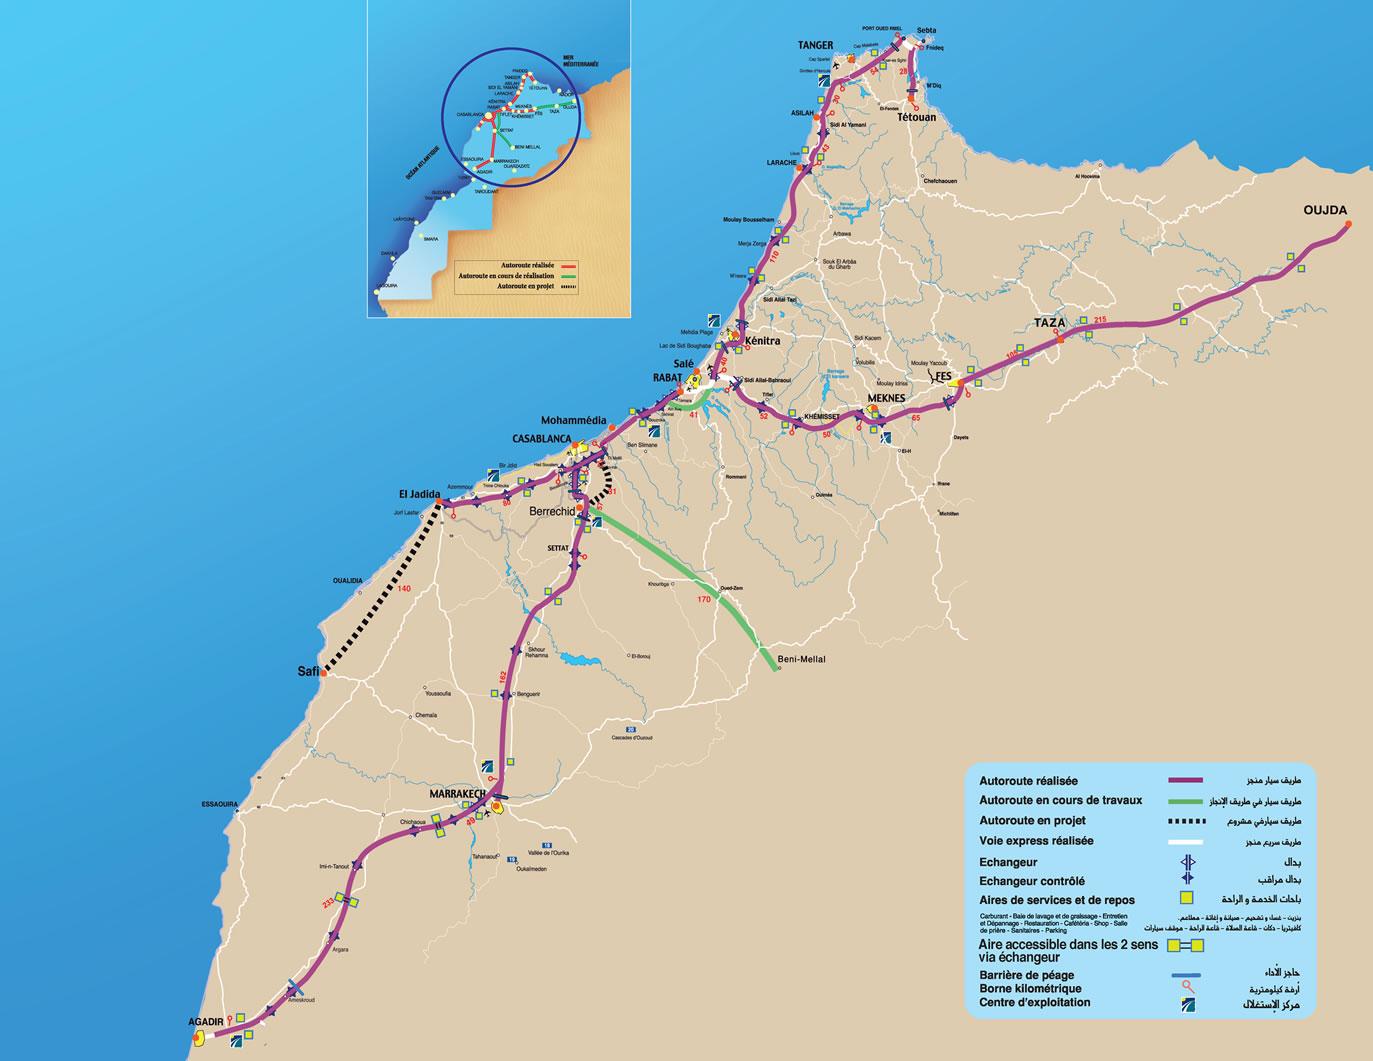 Mapa de carreteras en Marruecos